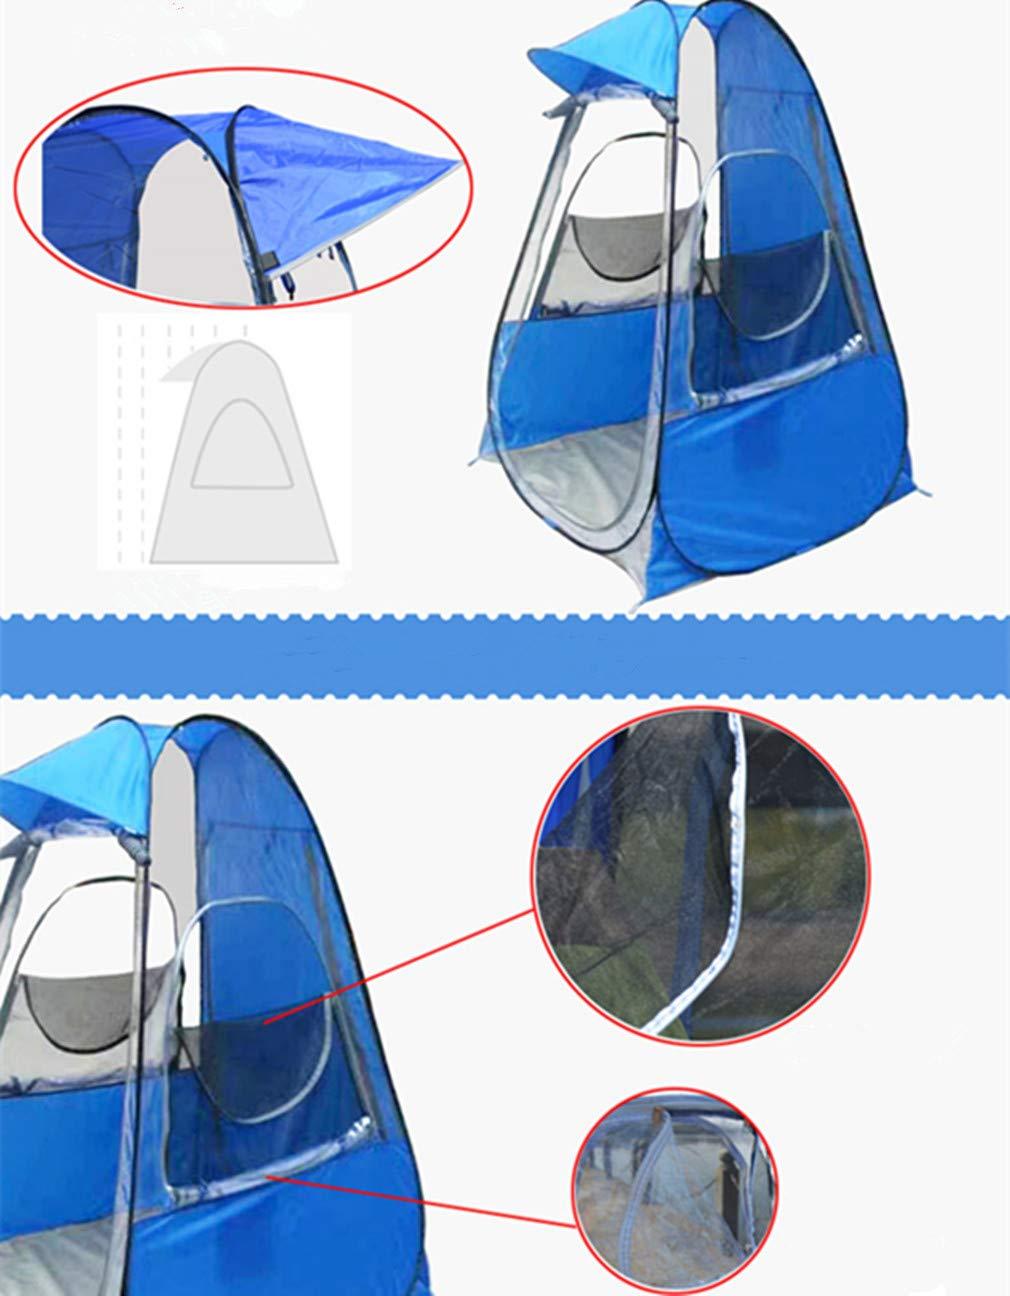 KRUIHAN Tienda de Pesca Port/átil Emergente Azul Acampar al Aire Libre Impermeable al Aire Senderismo 1 Personas Cobertizo de Paraguas Liviano